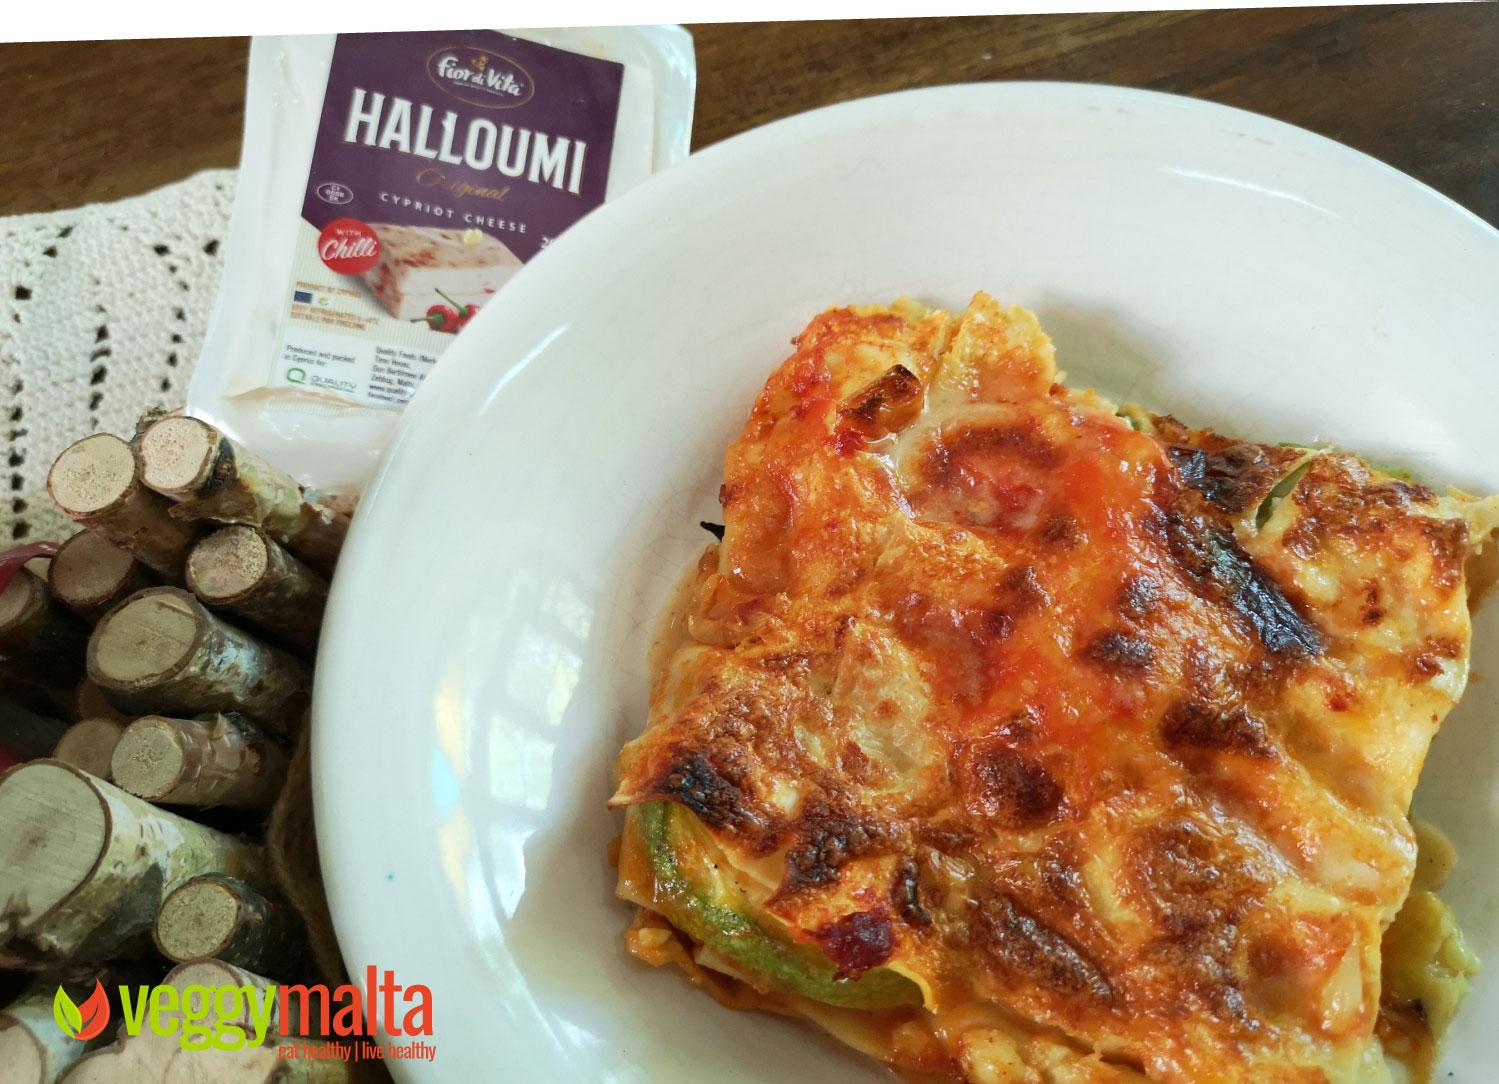 fior-di-vita-halloumi-aubergine-lasagne